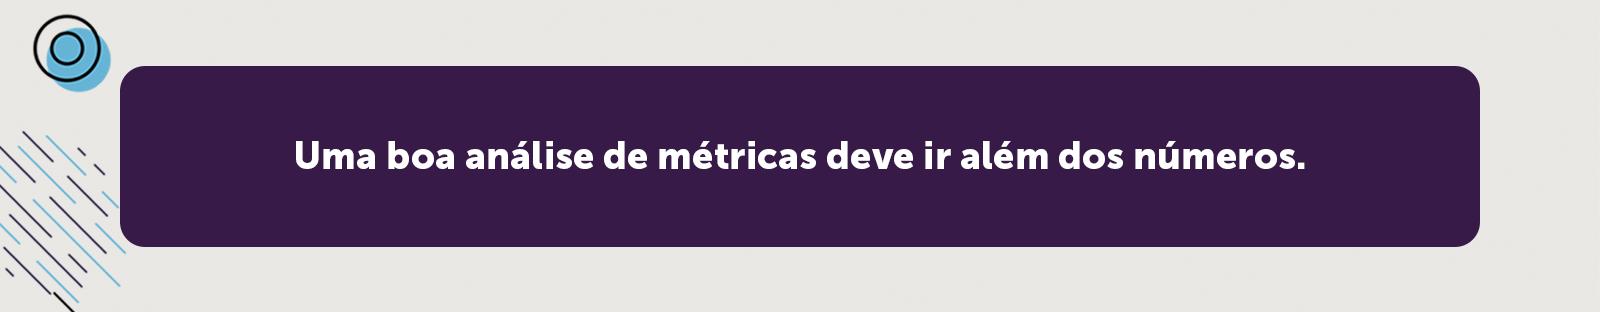 Análise de métricas de vendas